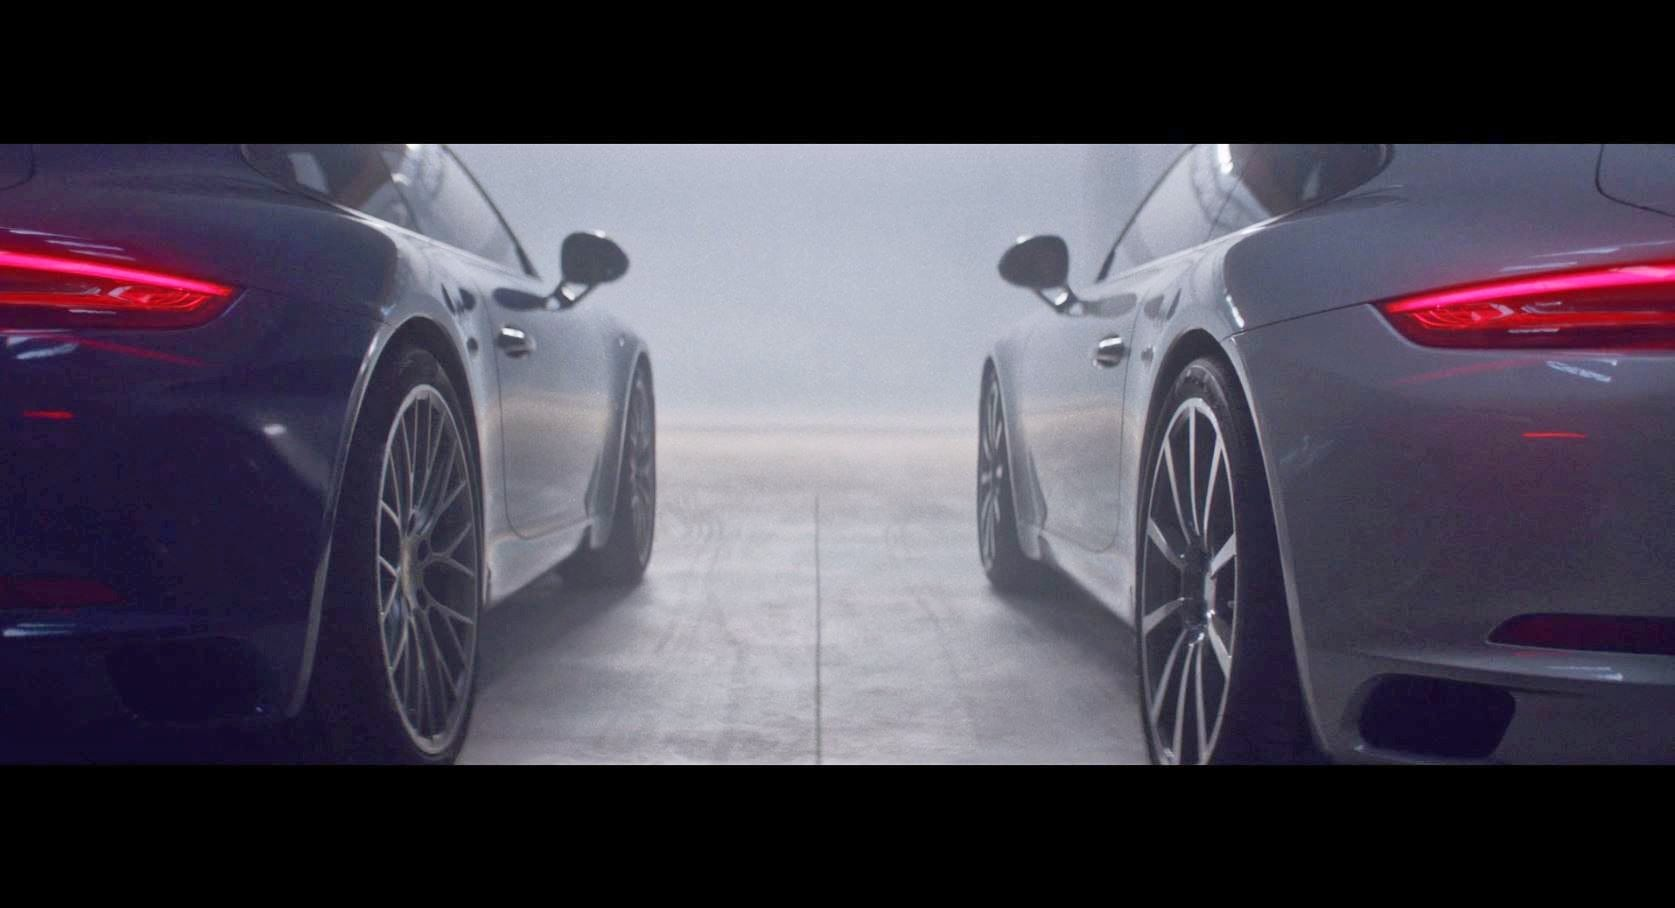 Porsche: Muhammad Ali Vs. Muhammad Ali